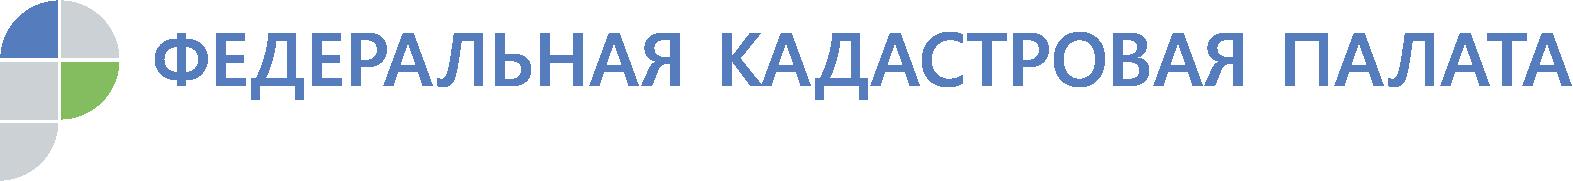 Кадастровая палата по Республике Татарстан предоставила более одного миллиона выписок из ЕГРН